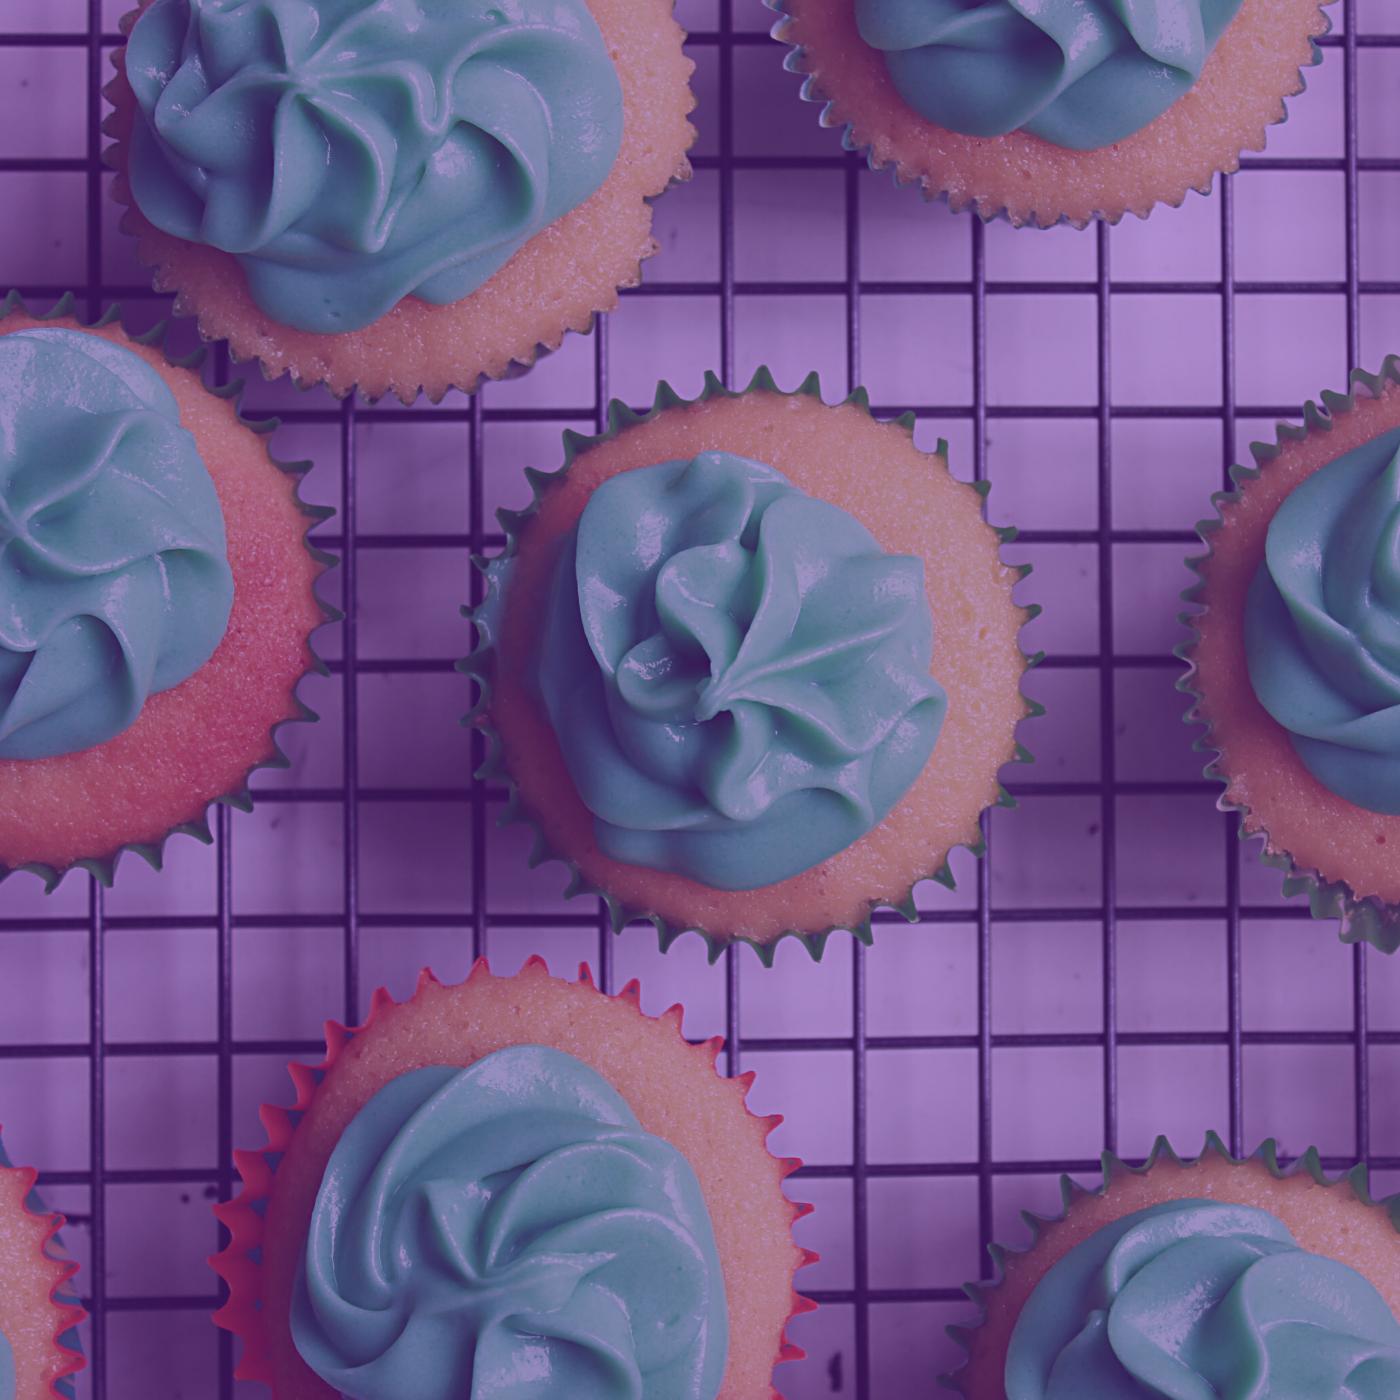 10 Cake Bakers on Instagram from Delhi